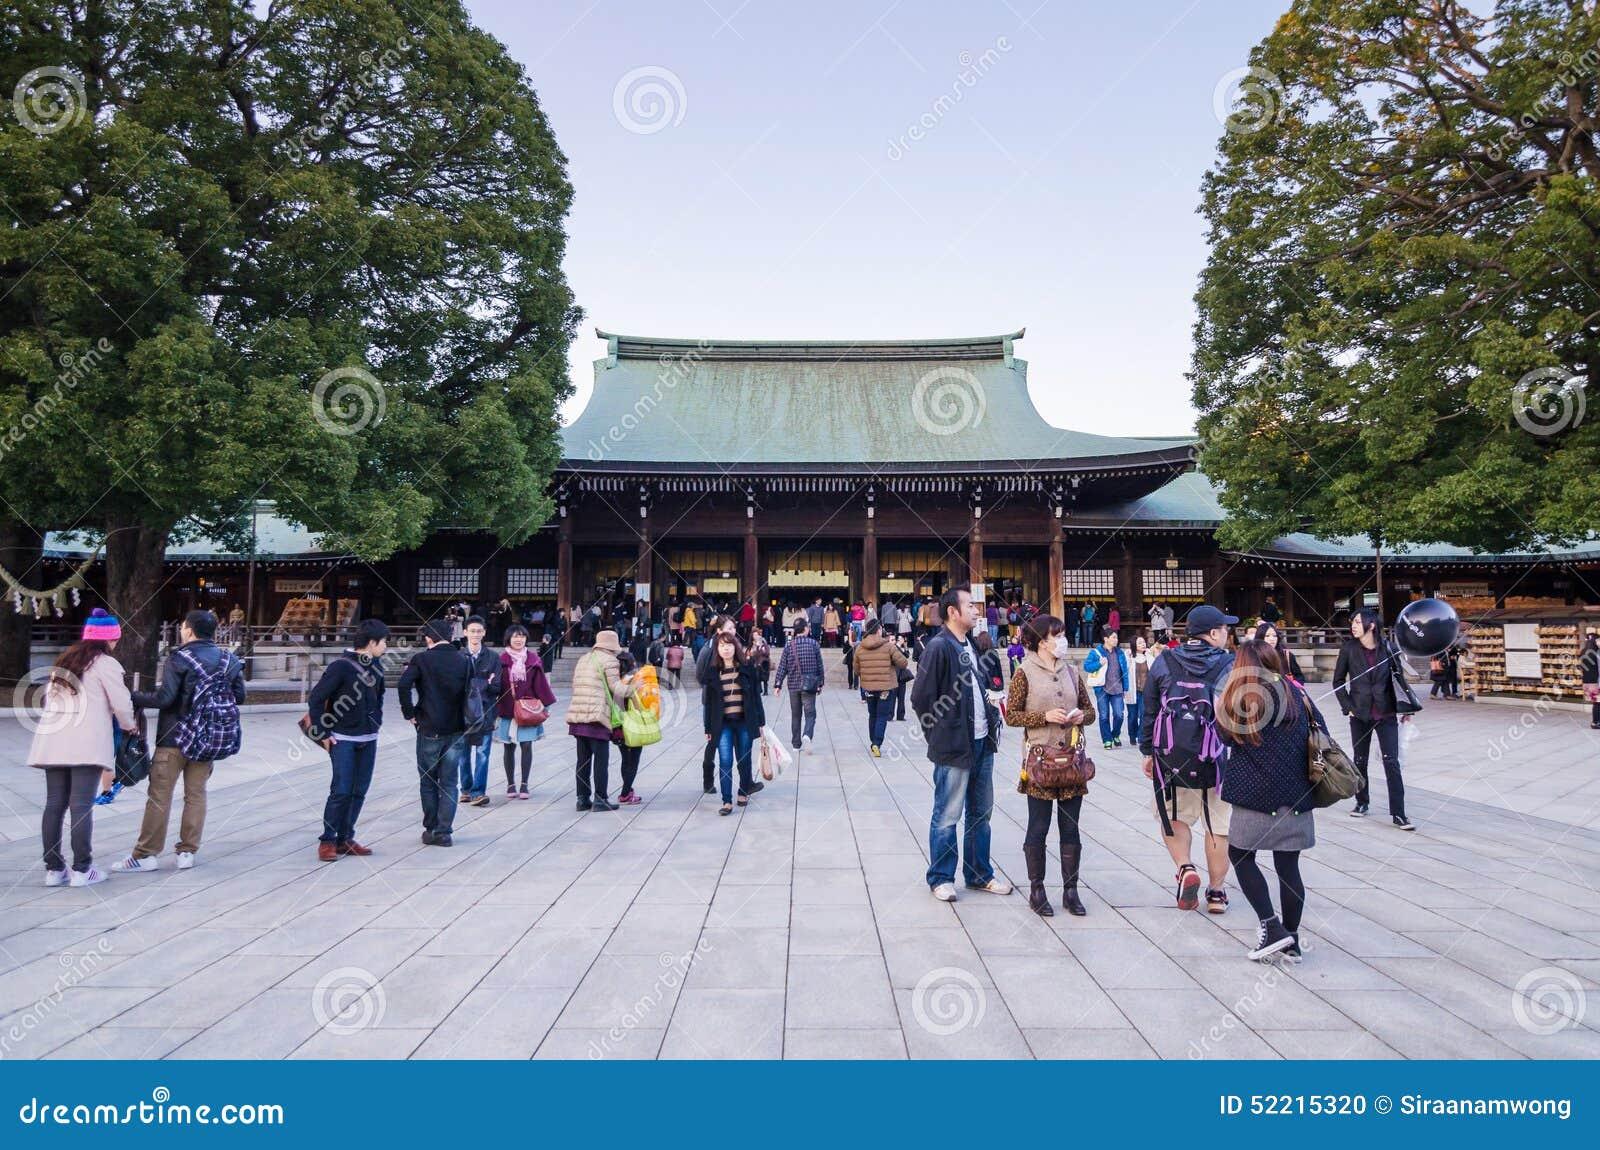 Tokyo, Japan - November 23, 2013: Toeristenbezoek Meiji Jingu Shr